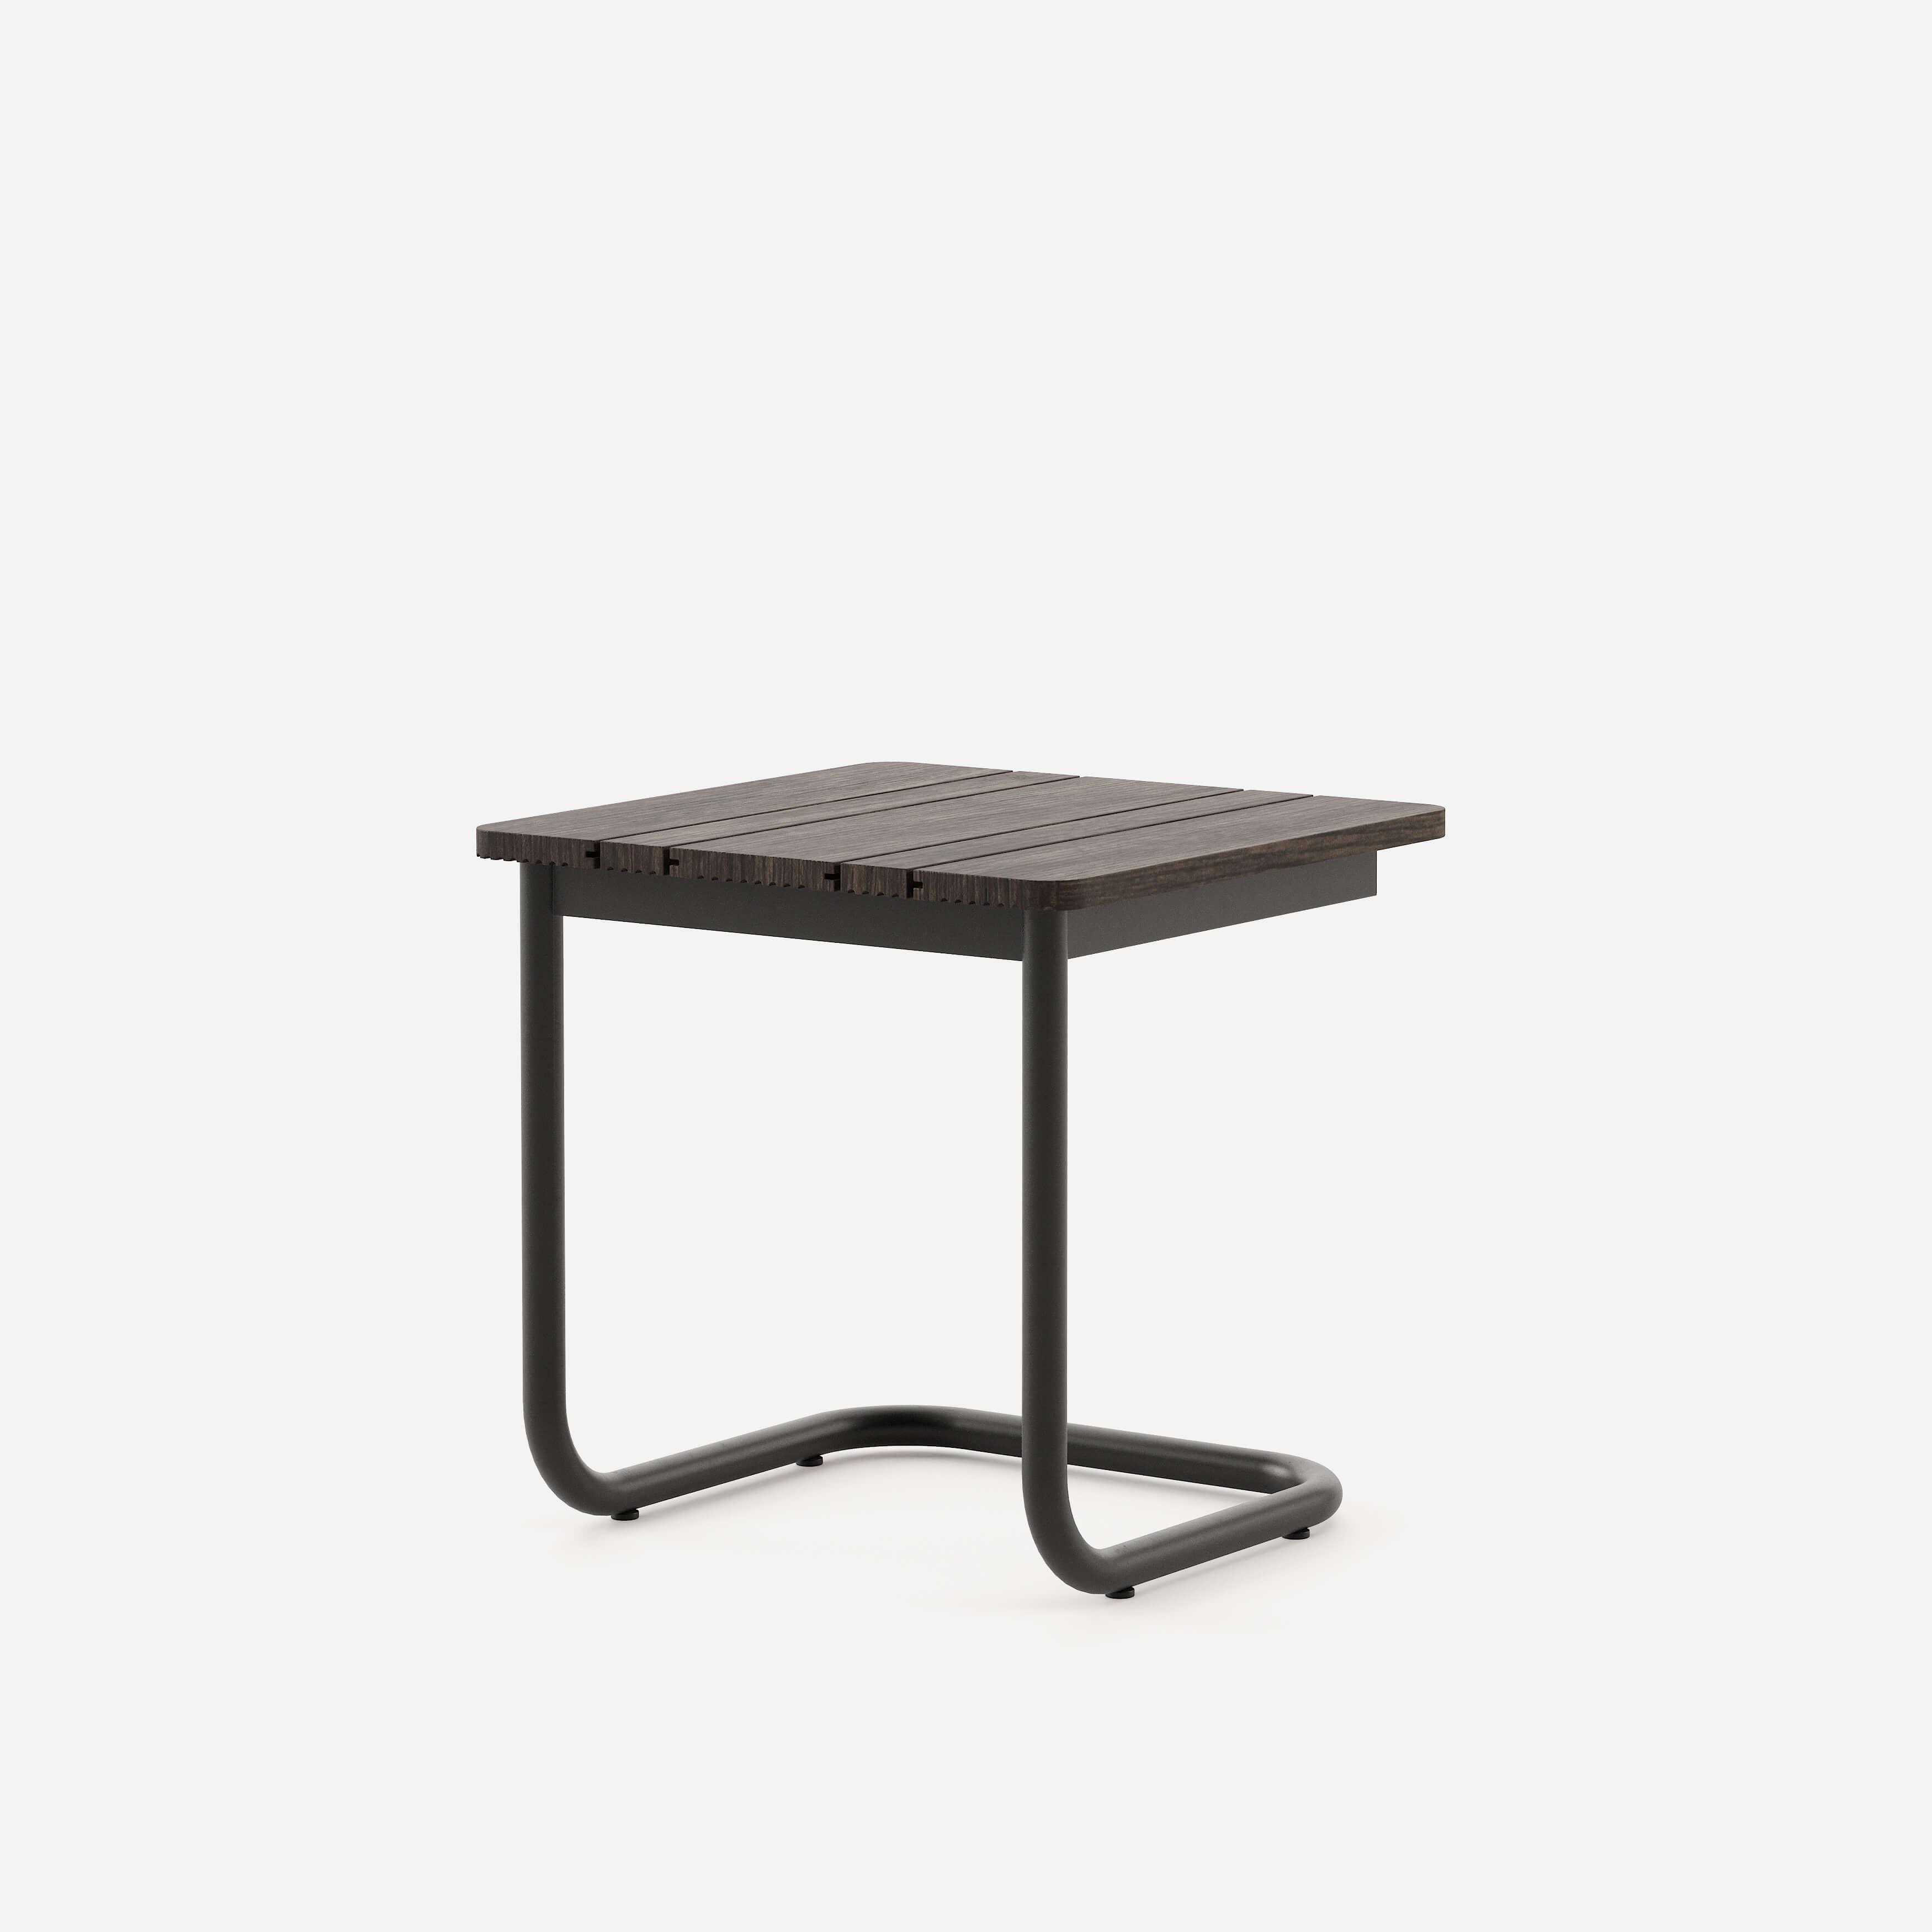 Copacabana-mesa-de-apoio-domkapa-furniture-interior-design-exter (2)